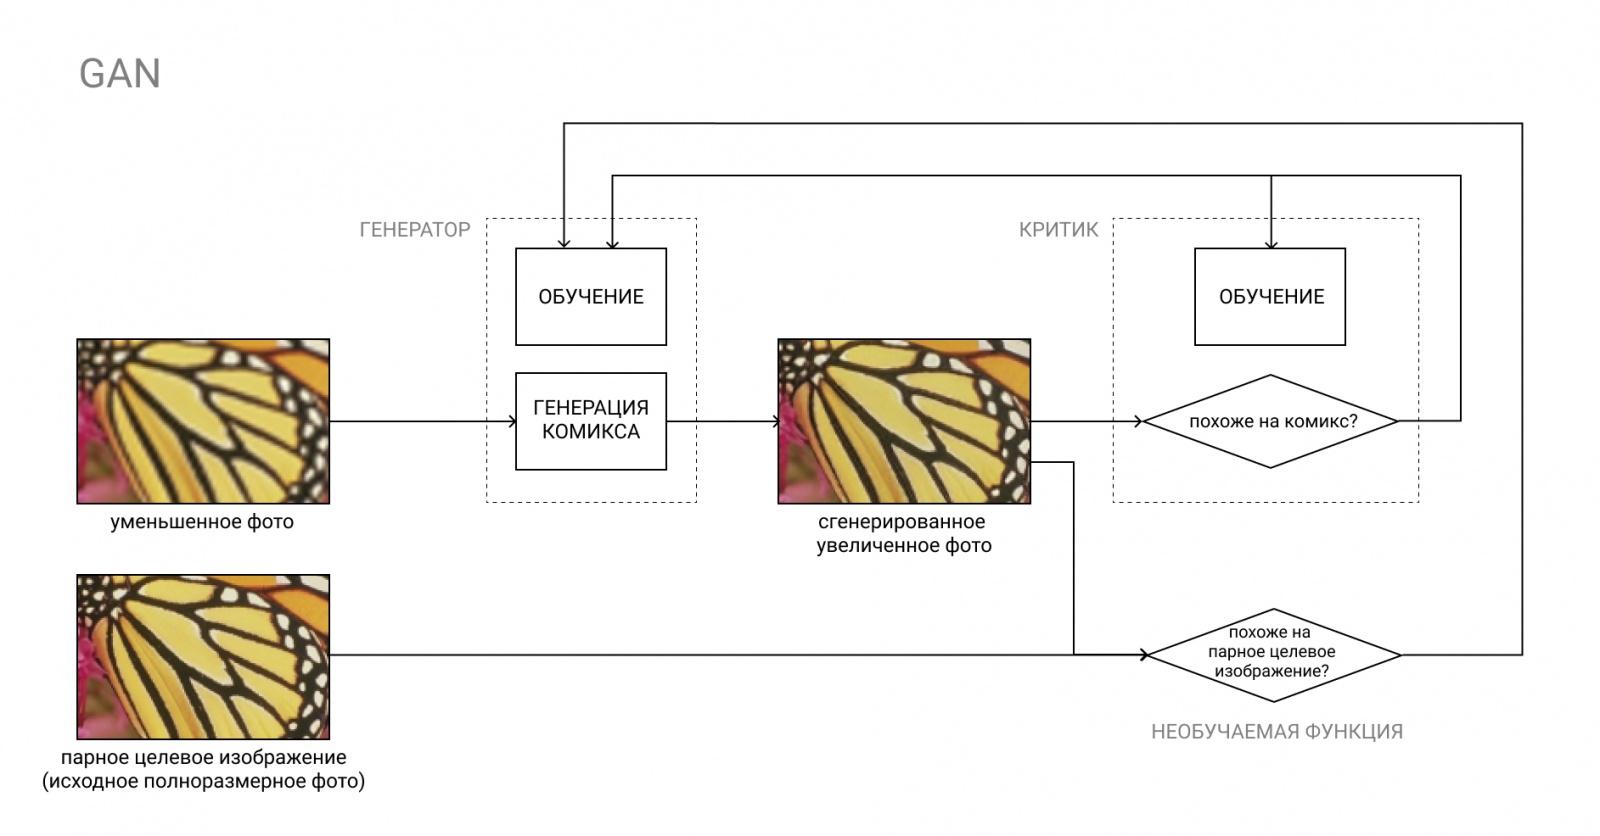 Как сделать бота, который превращает фото в комикс: пошаговая инструкция для чайников - 4